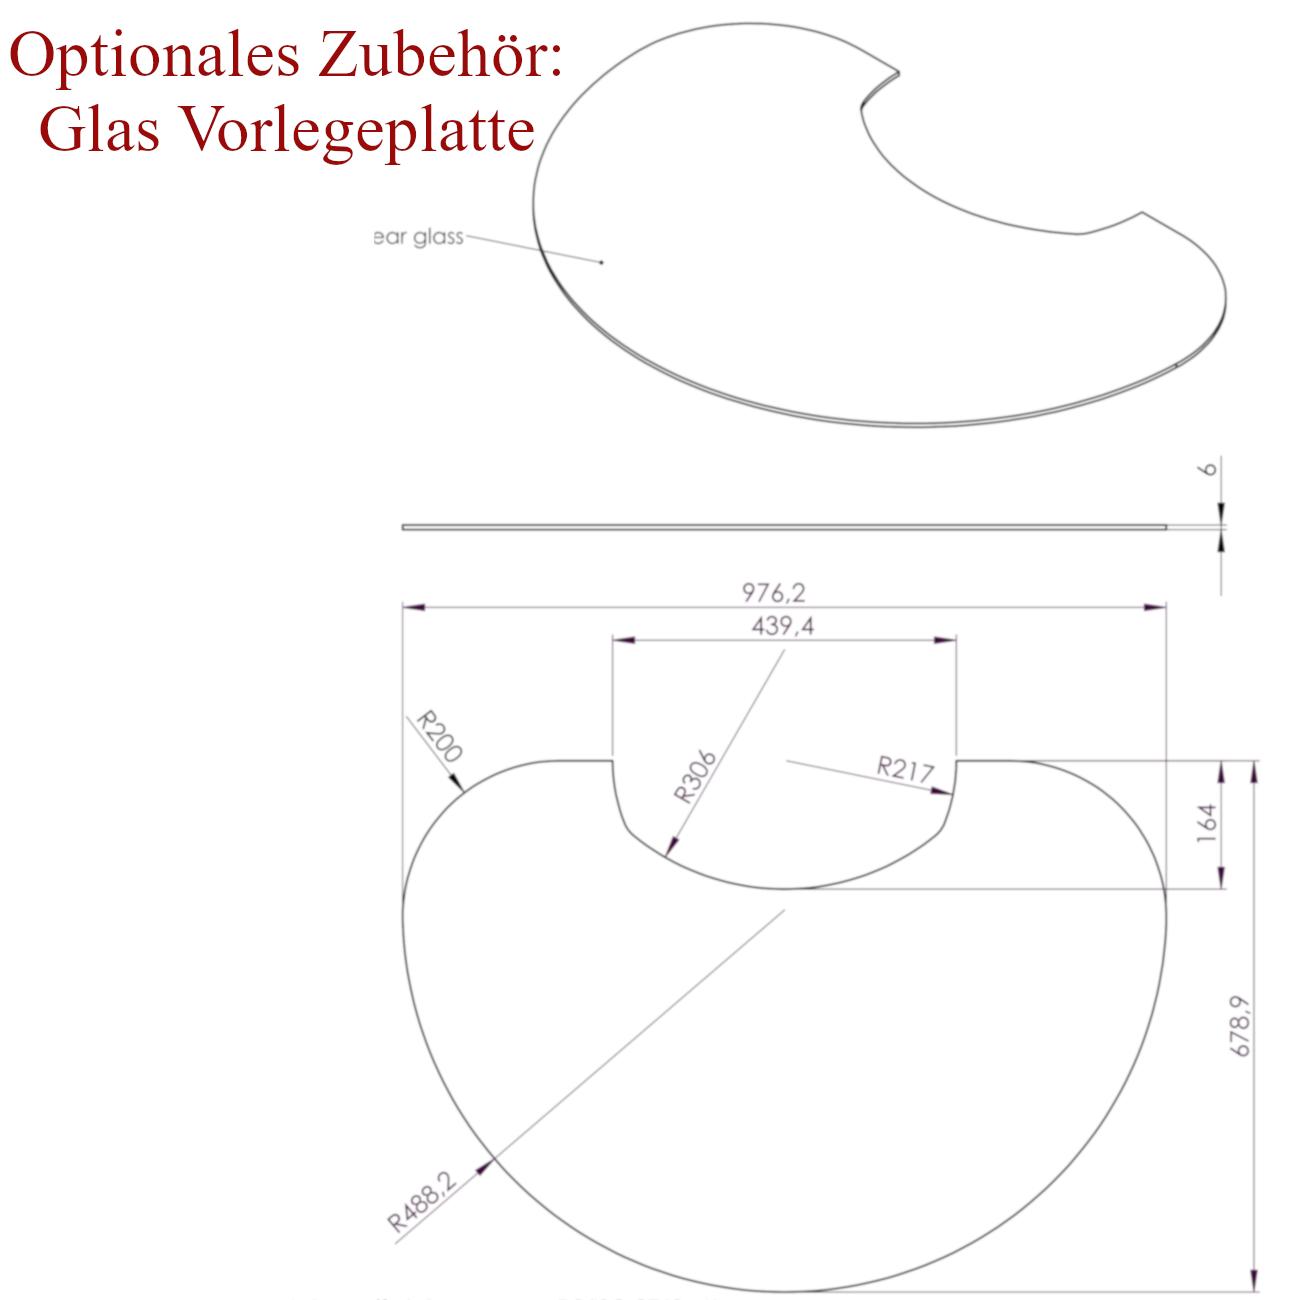 optionales-zubehoer_lotus_liva_glas_vorlegeplatte